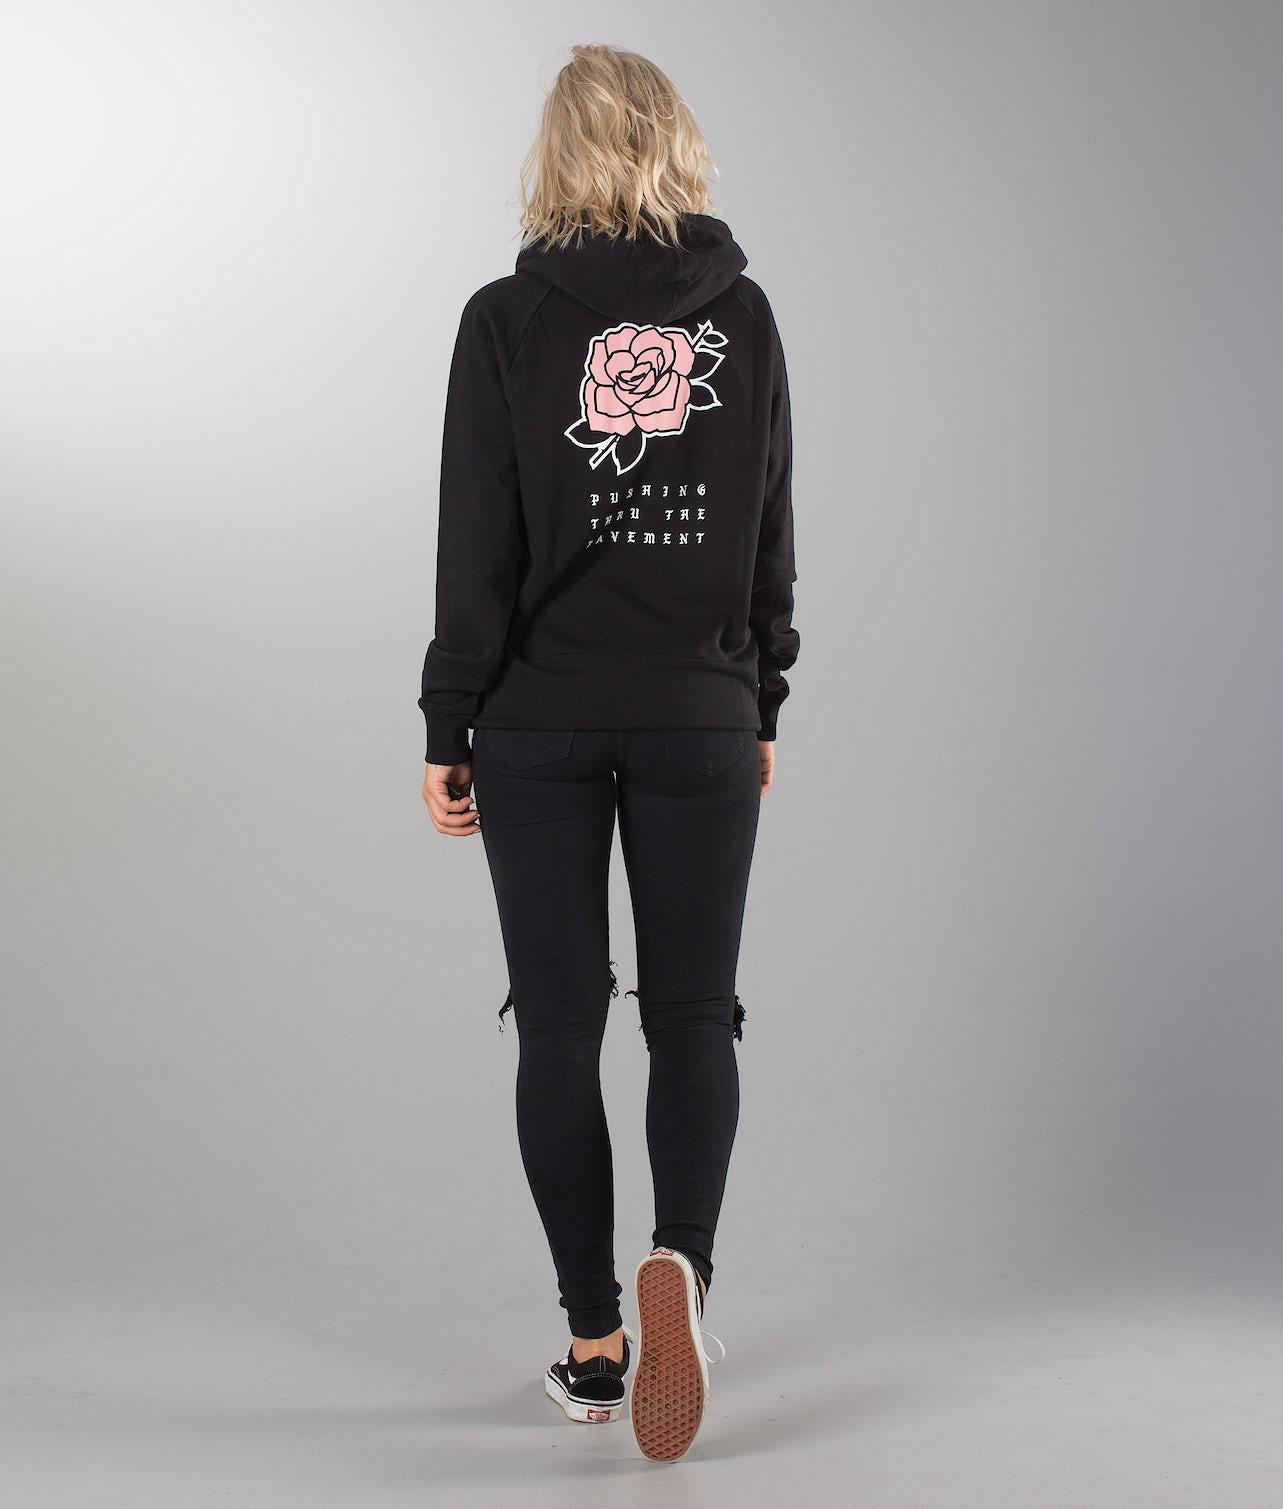 Köp Rose Unisex Hood från Dope på Ridestore.se Hos oss har du alltid fri frakt, fri retur och 30 dagar öppet köp!